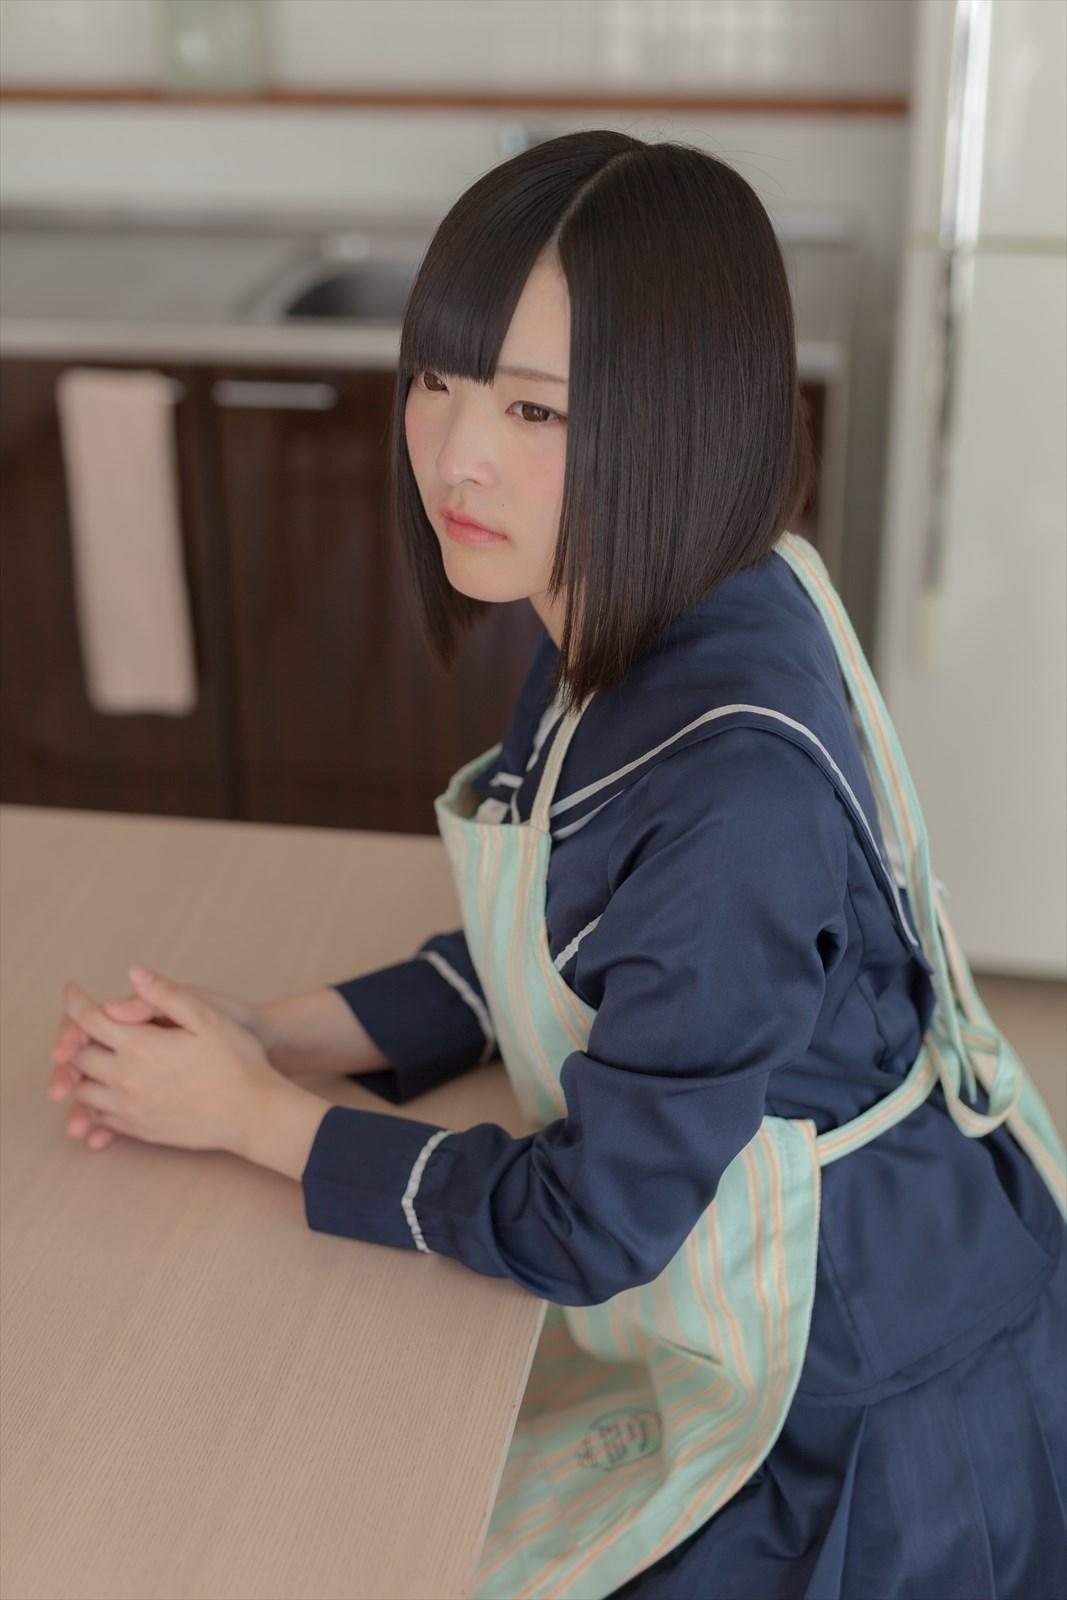 【兔玩映画】学妹的情书 兔玩映画 第24张